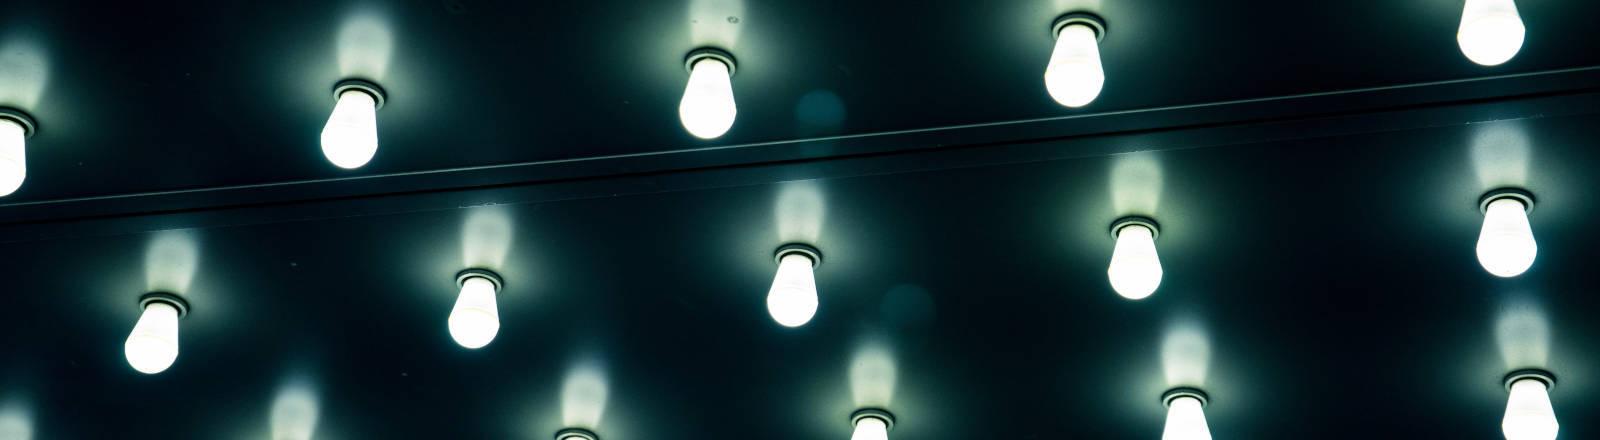 Eine Decke mit vielen LEP-Lampen